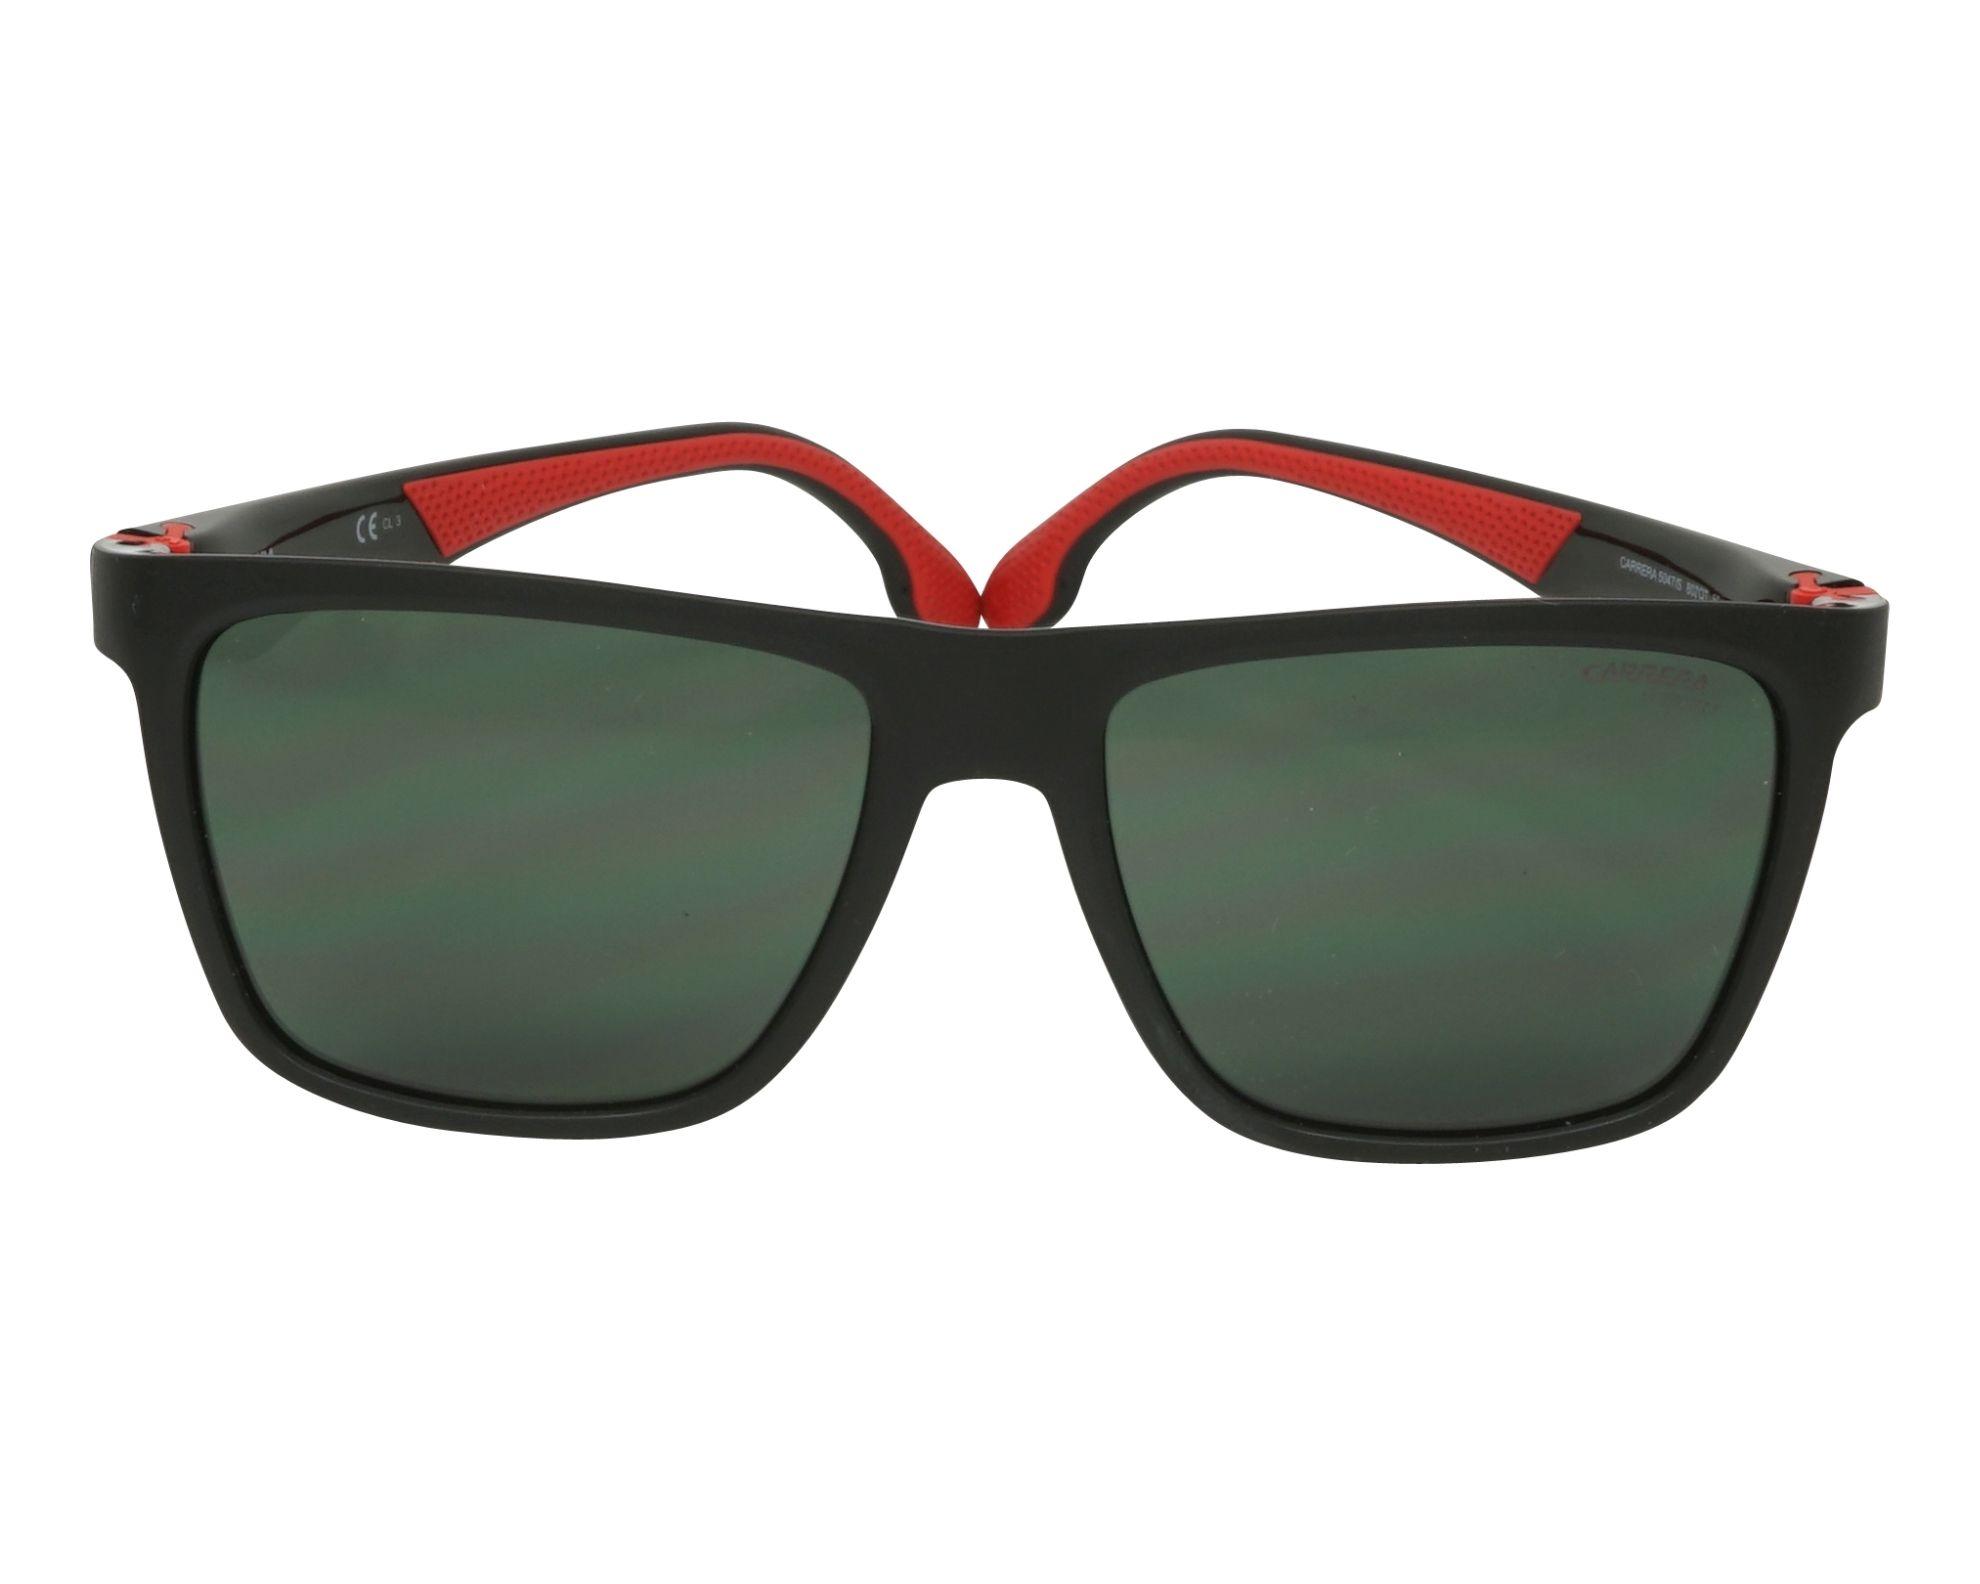 Sunglasses Carrera 5047-S 807 QT 56-17 Black Red front view 47f3ec5797